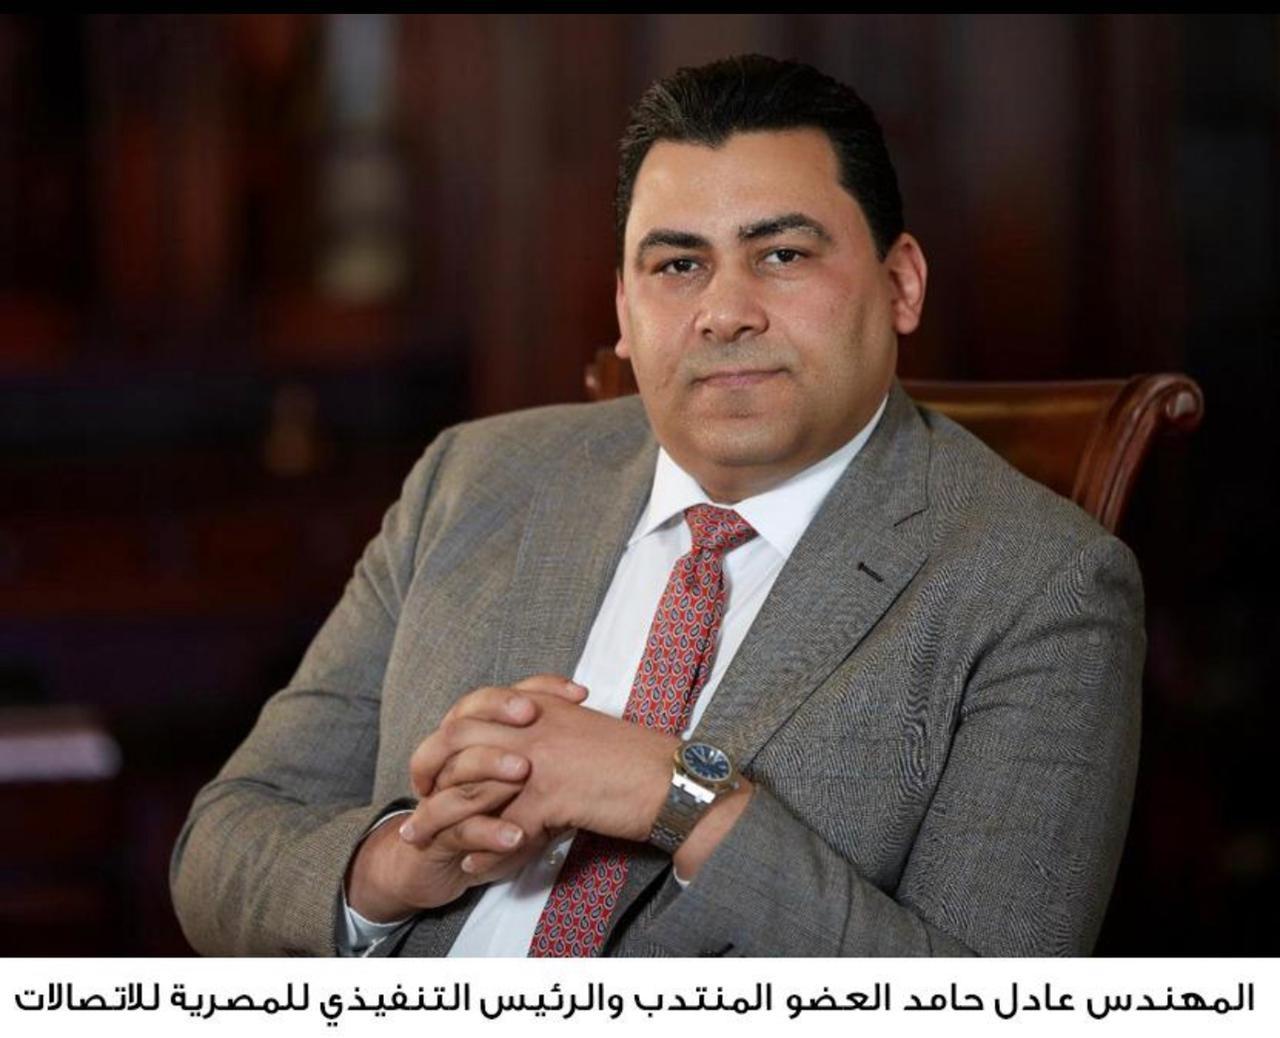 المصرية للاتصالات تطلق خدمة VoLTE عبر شبكة الجيل الرابع في مصر